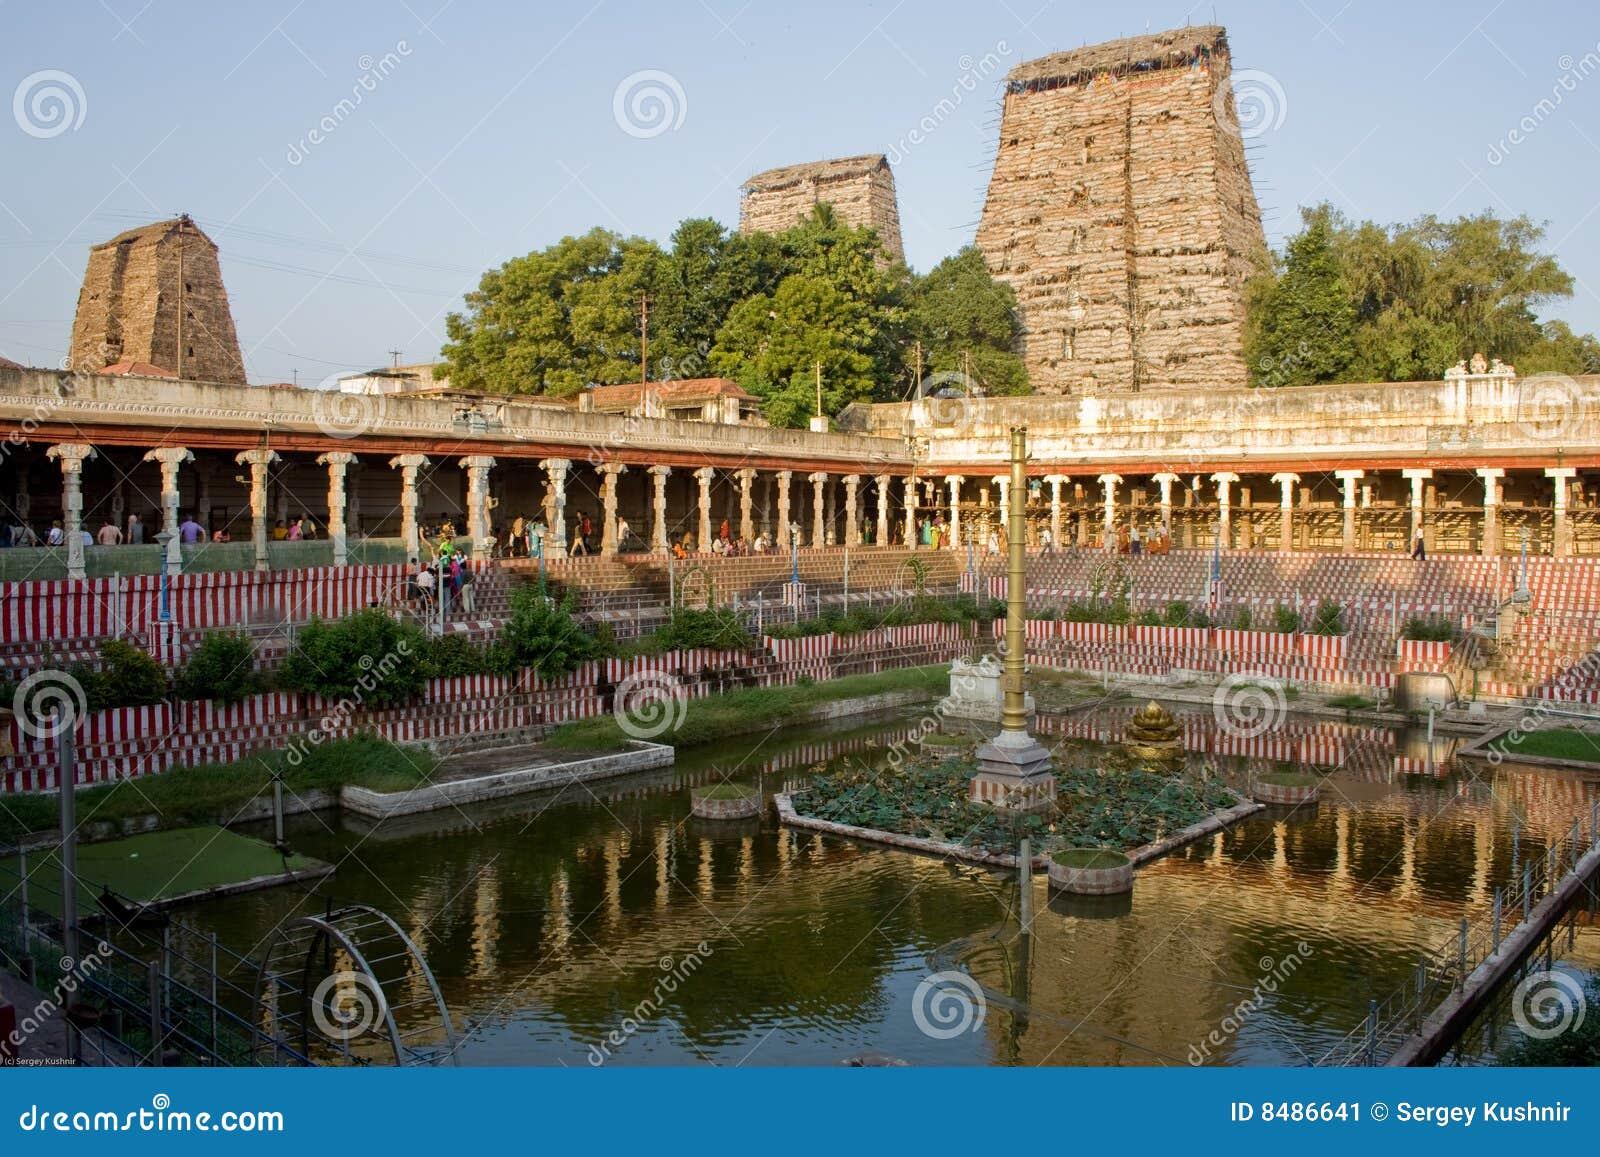 Meenakshi sri寺庙